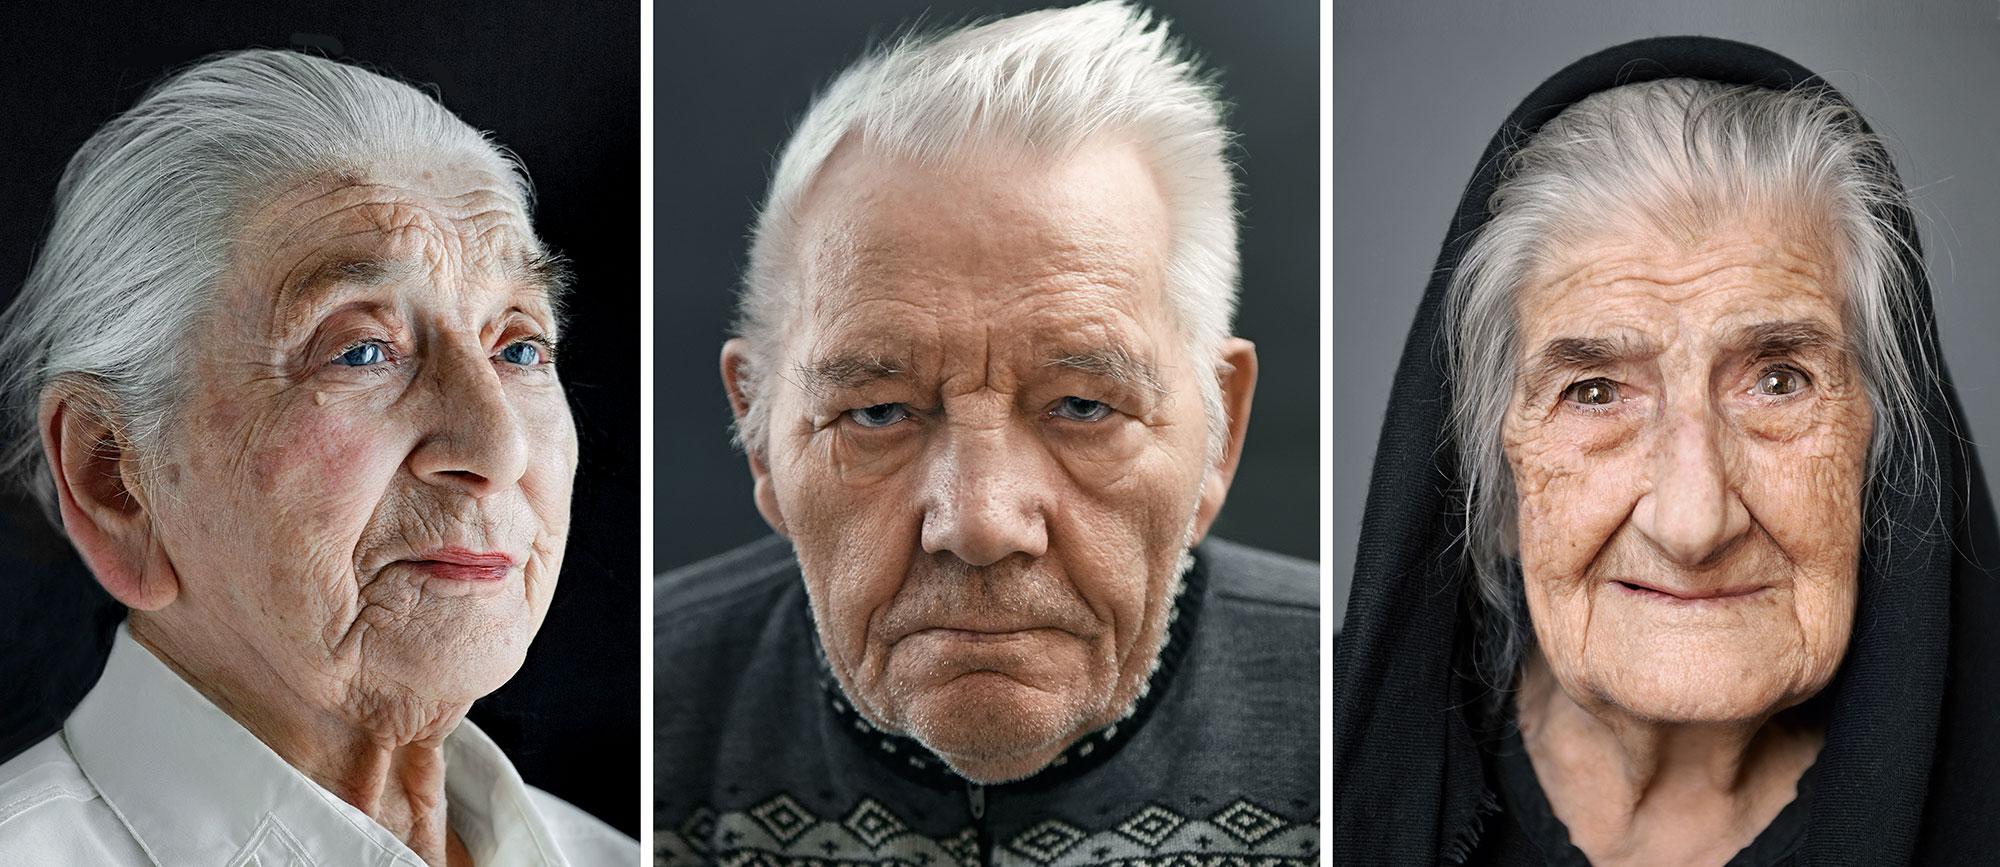 Hessin Berta Preis (102), Isländer Sigurgeir Jonsson (99) und Sardin Tonia Nola (100) aus dem Buch  »100 Jahre Lebensglück«